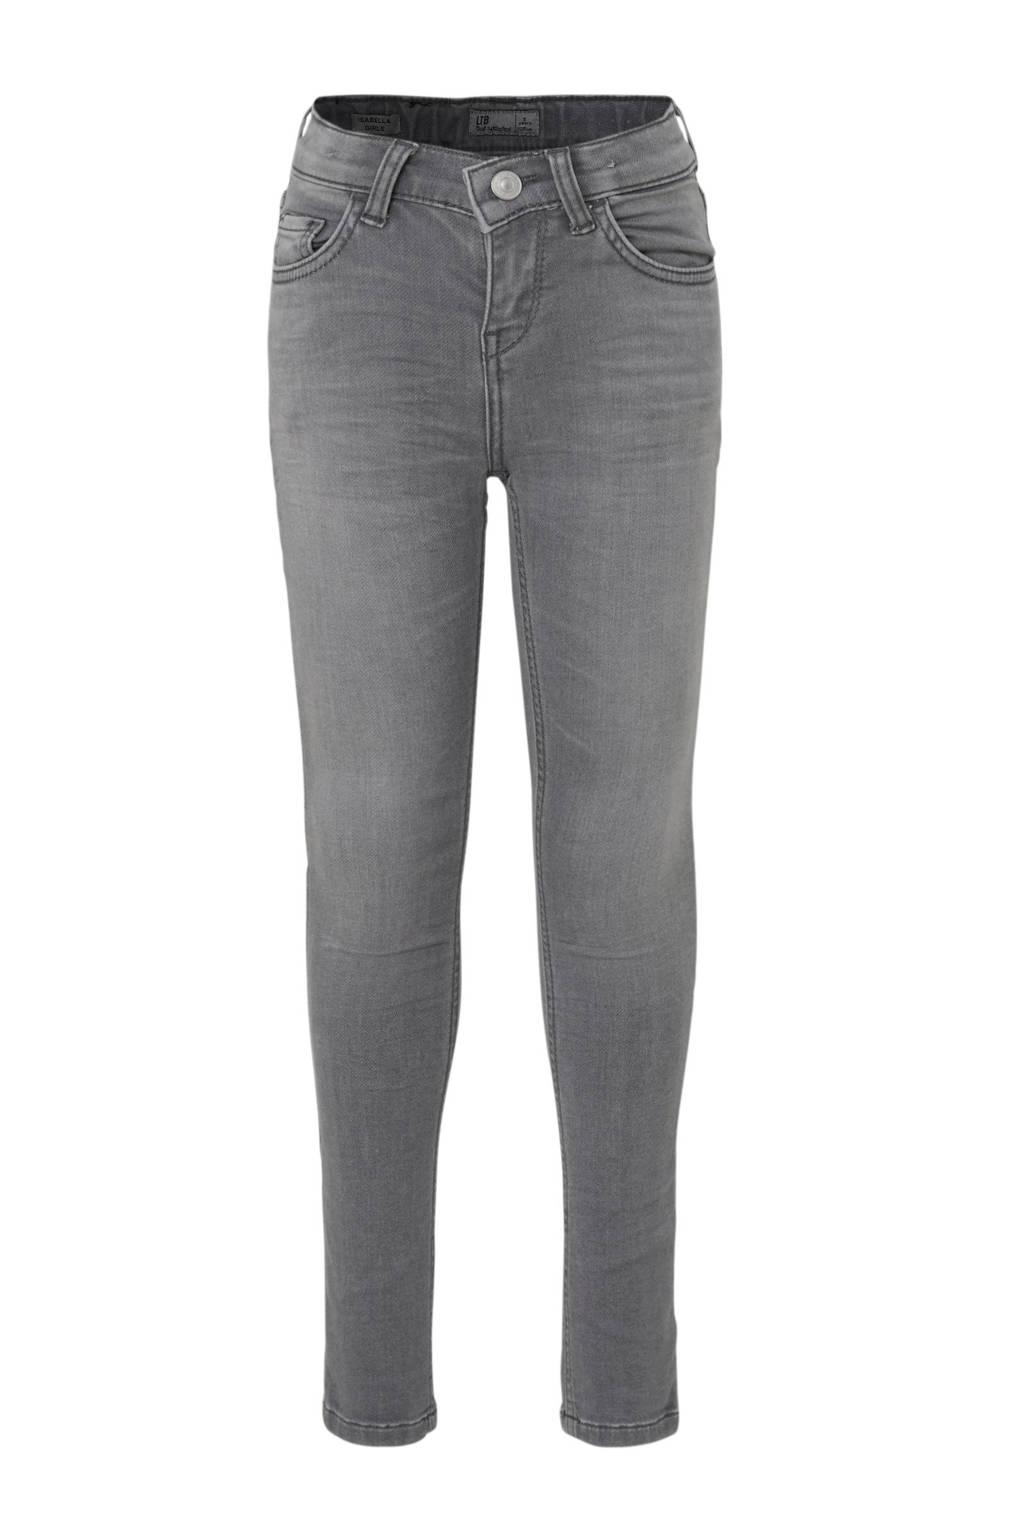 LTB skinny jeans grijs (moonfire wash), Grijs (Moonfire wash)